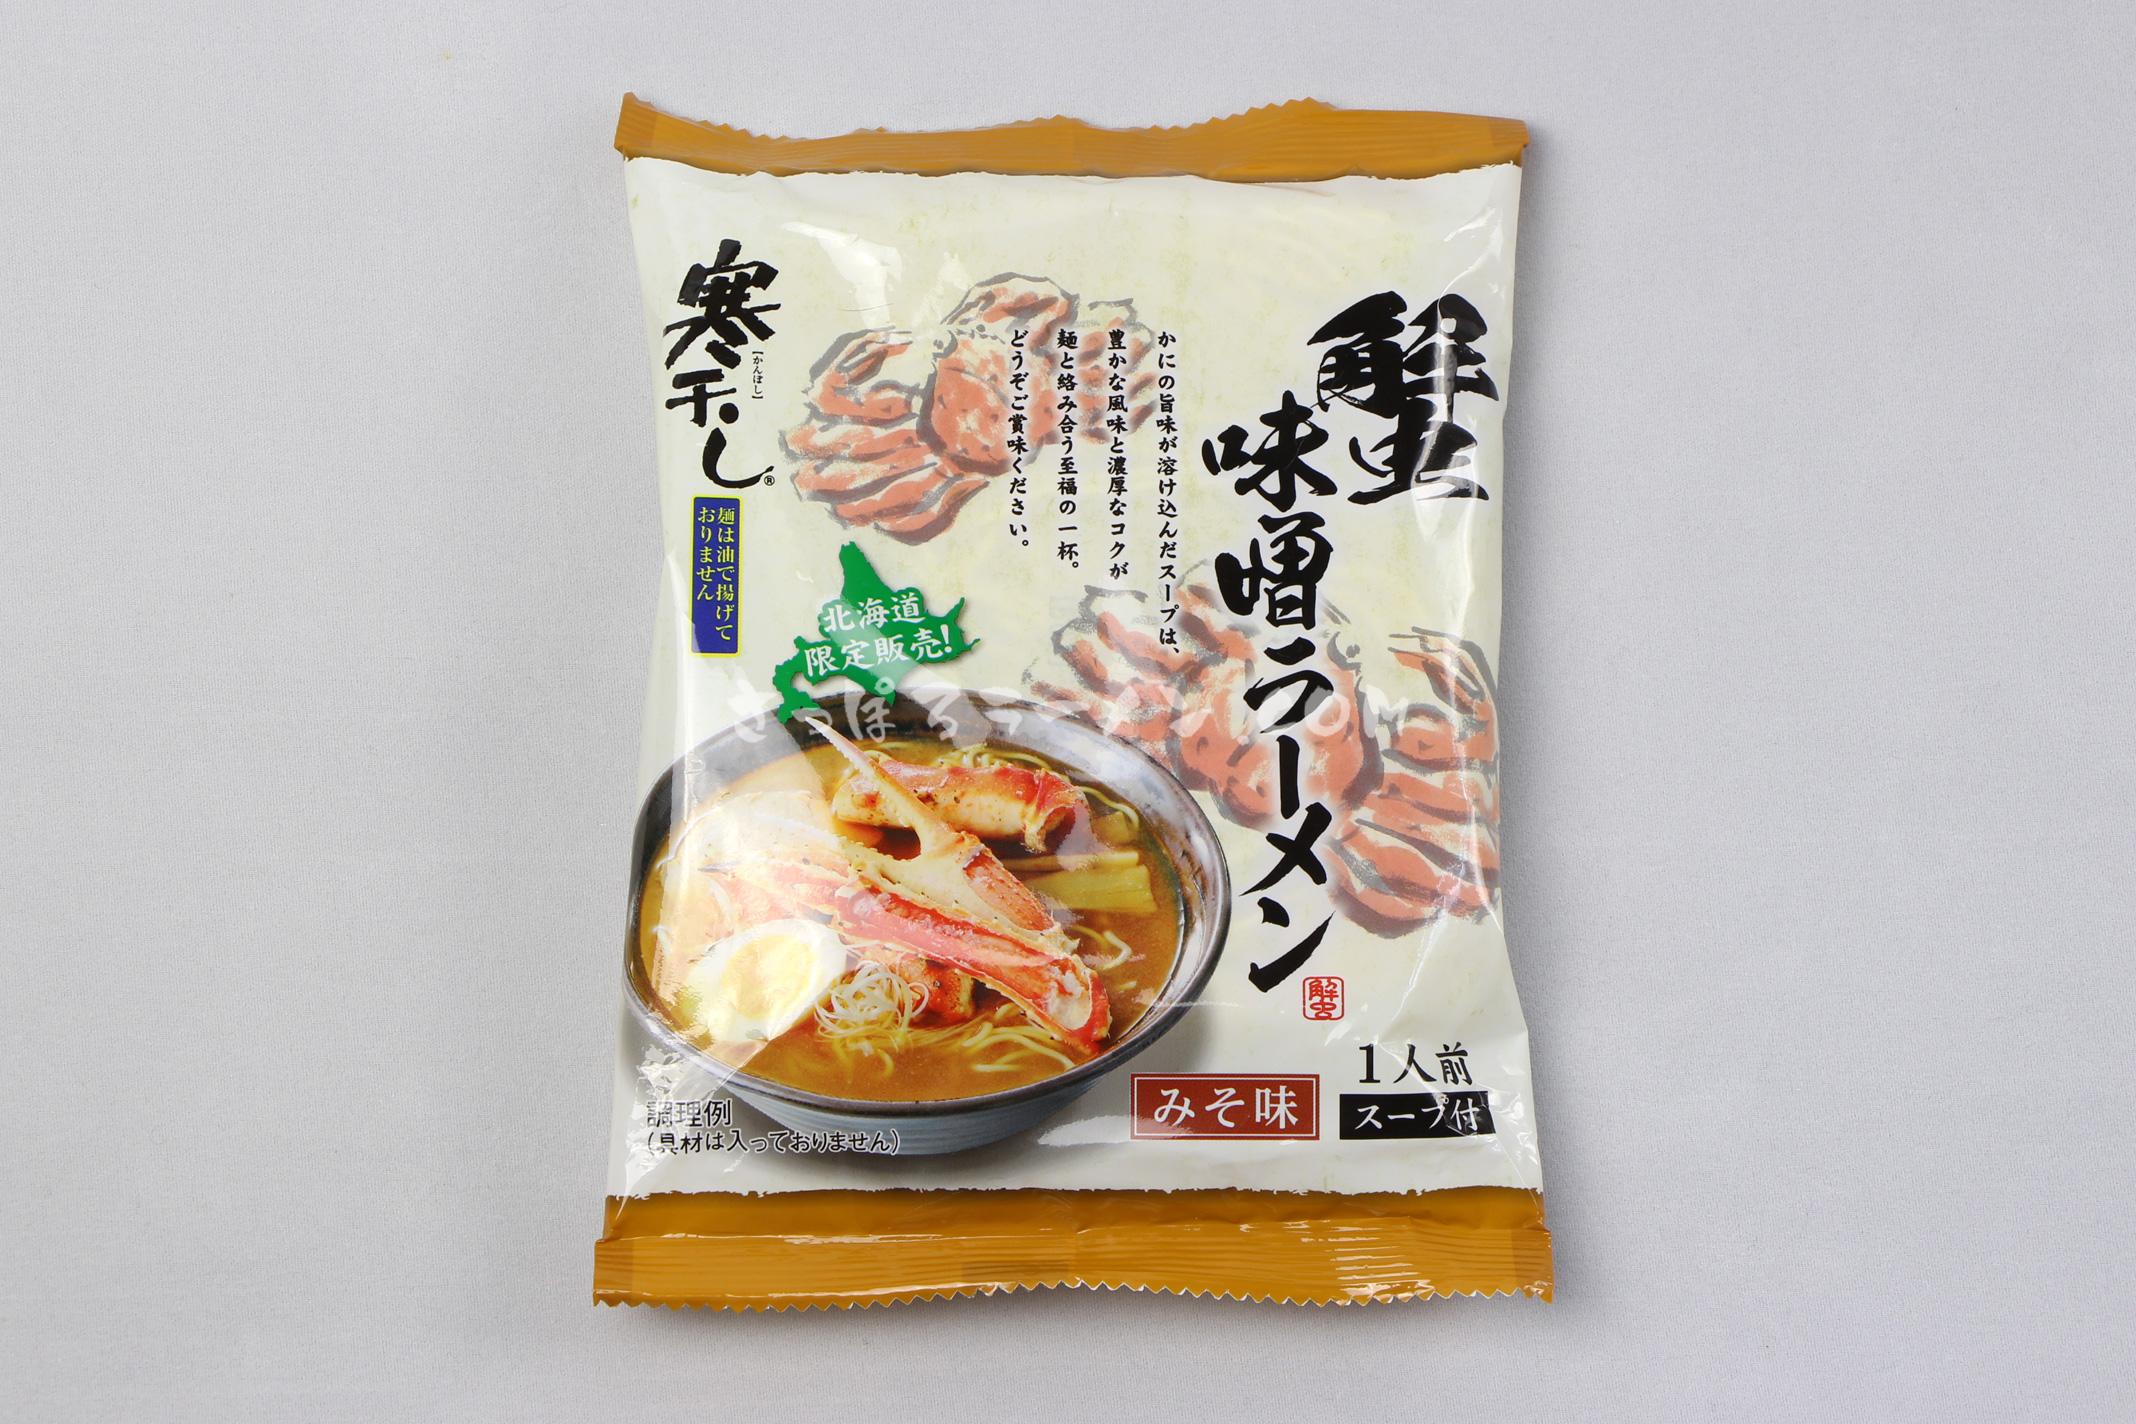 「北海道限定販売 寒干し 蟹味噌ラーメン」(菊水)のパッケージ(表)